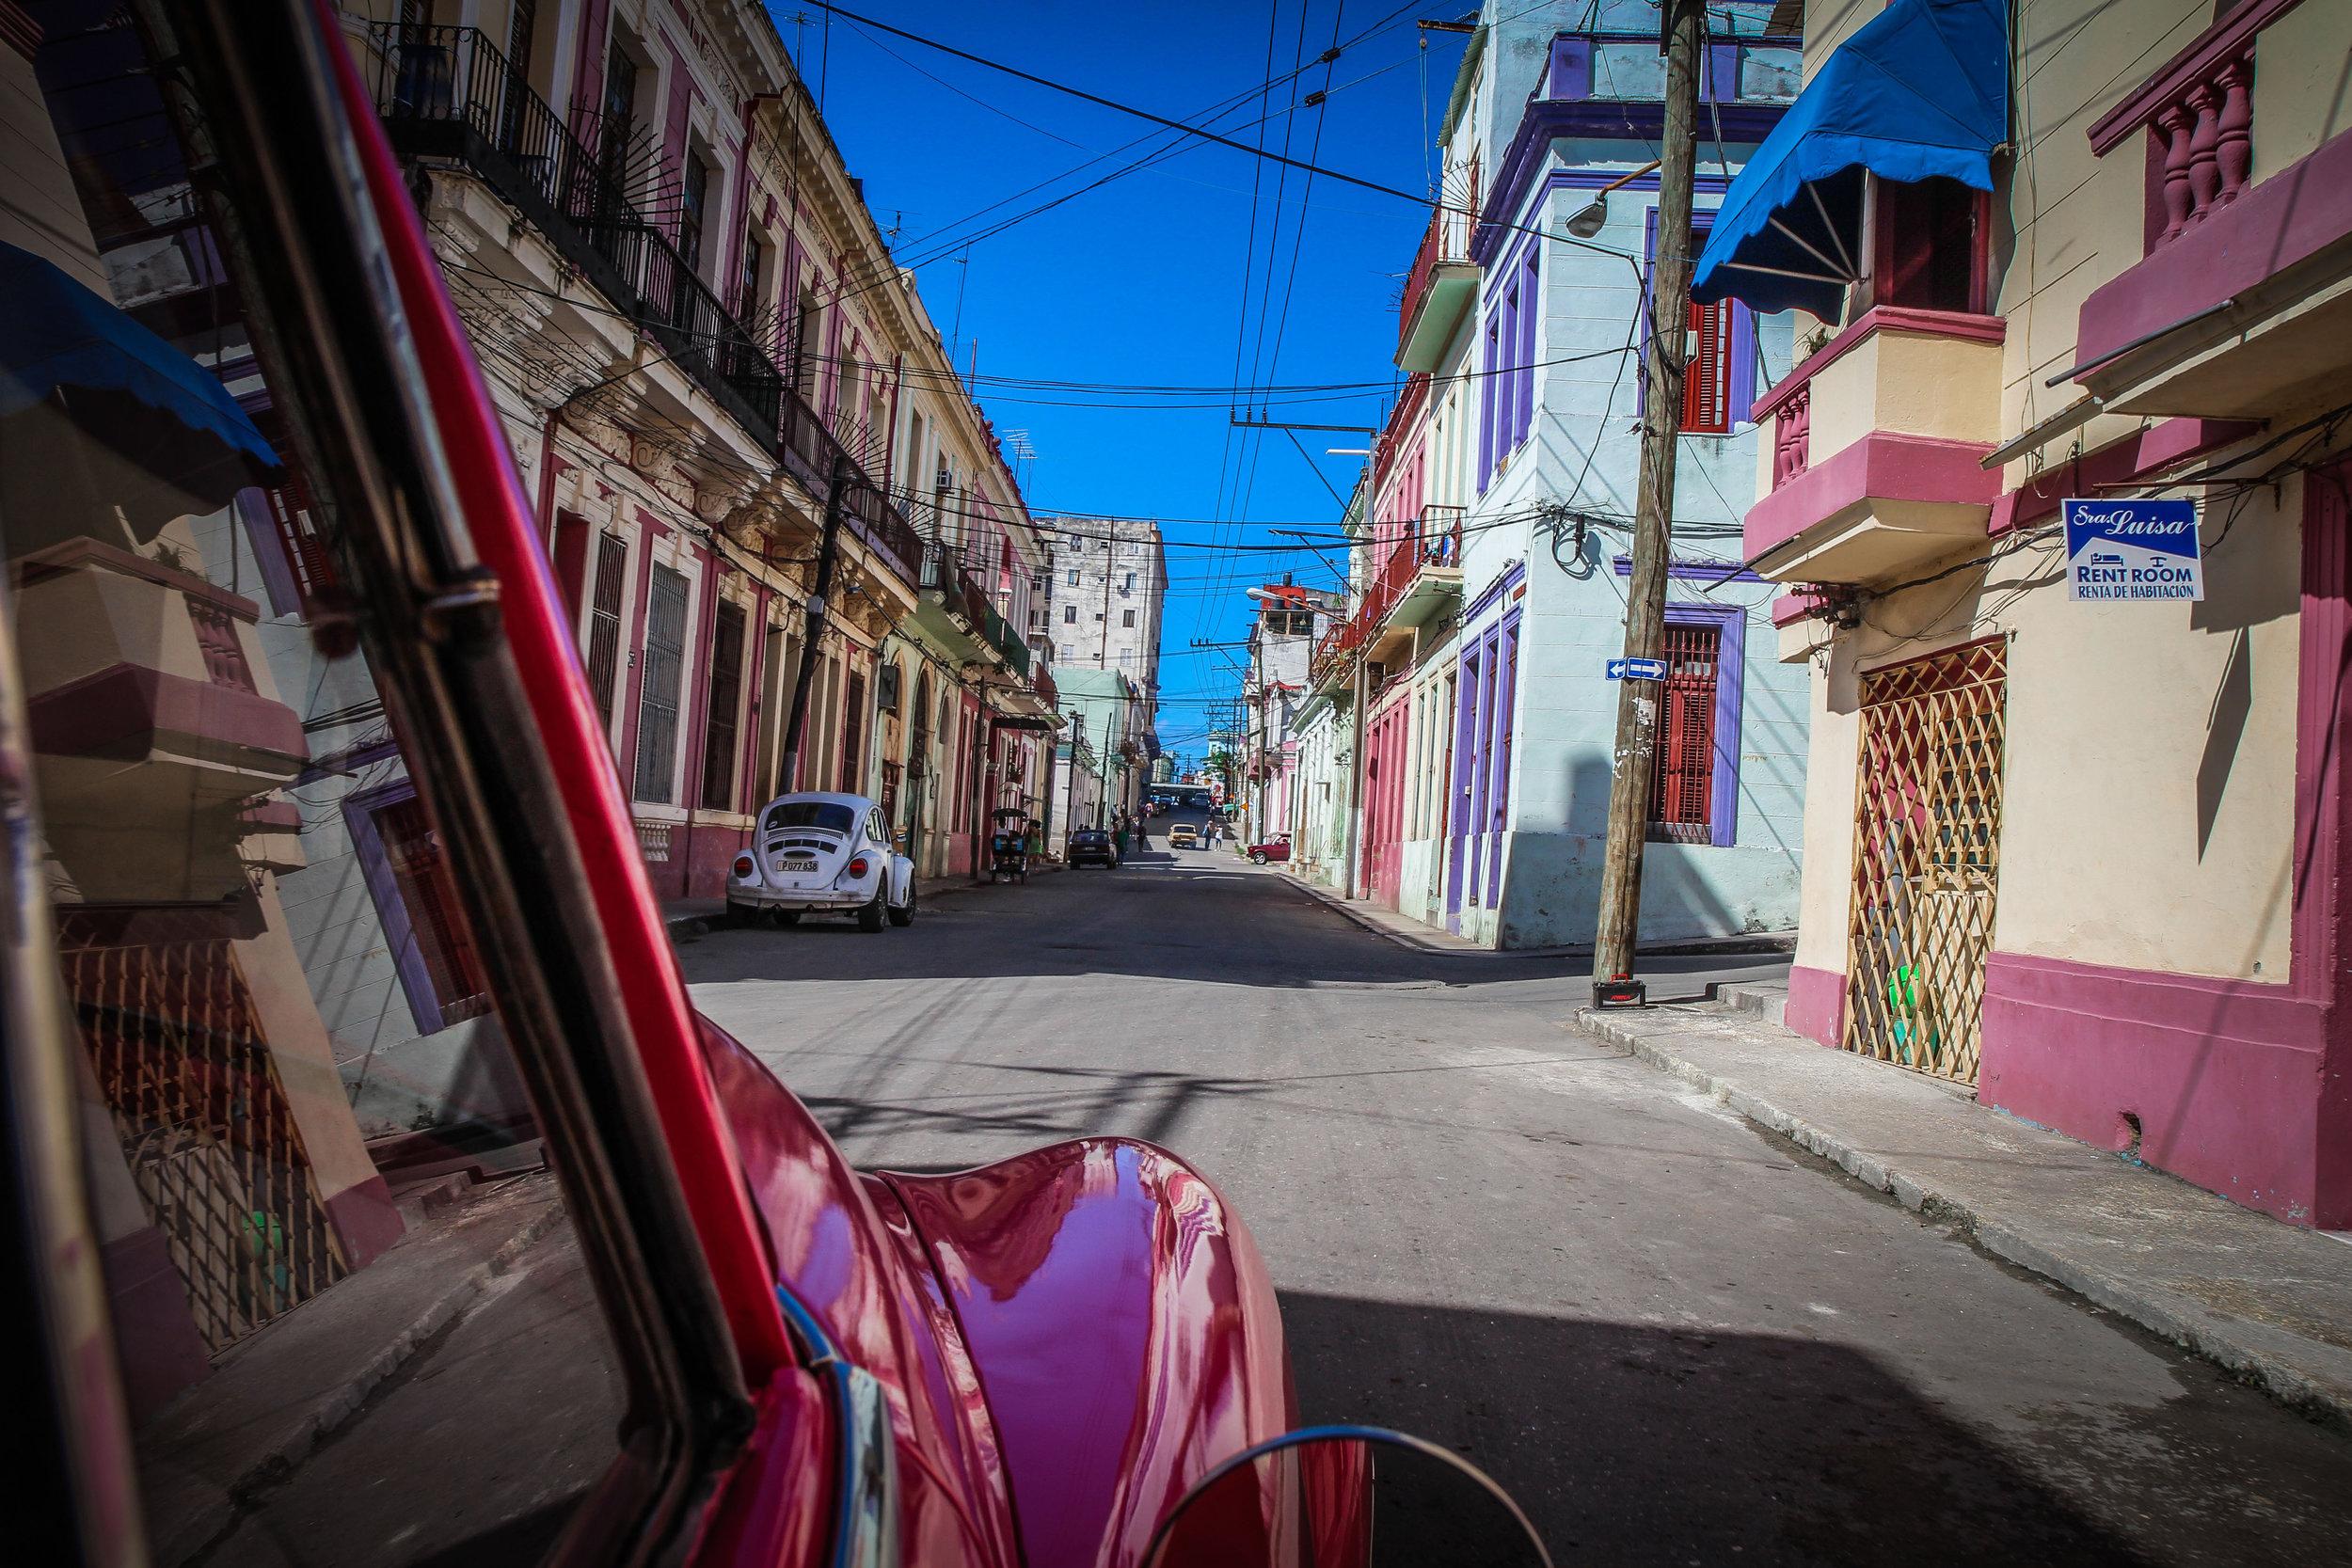 Old havana by Car - Cuba